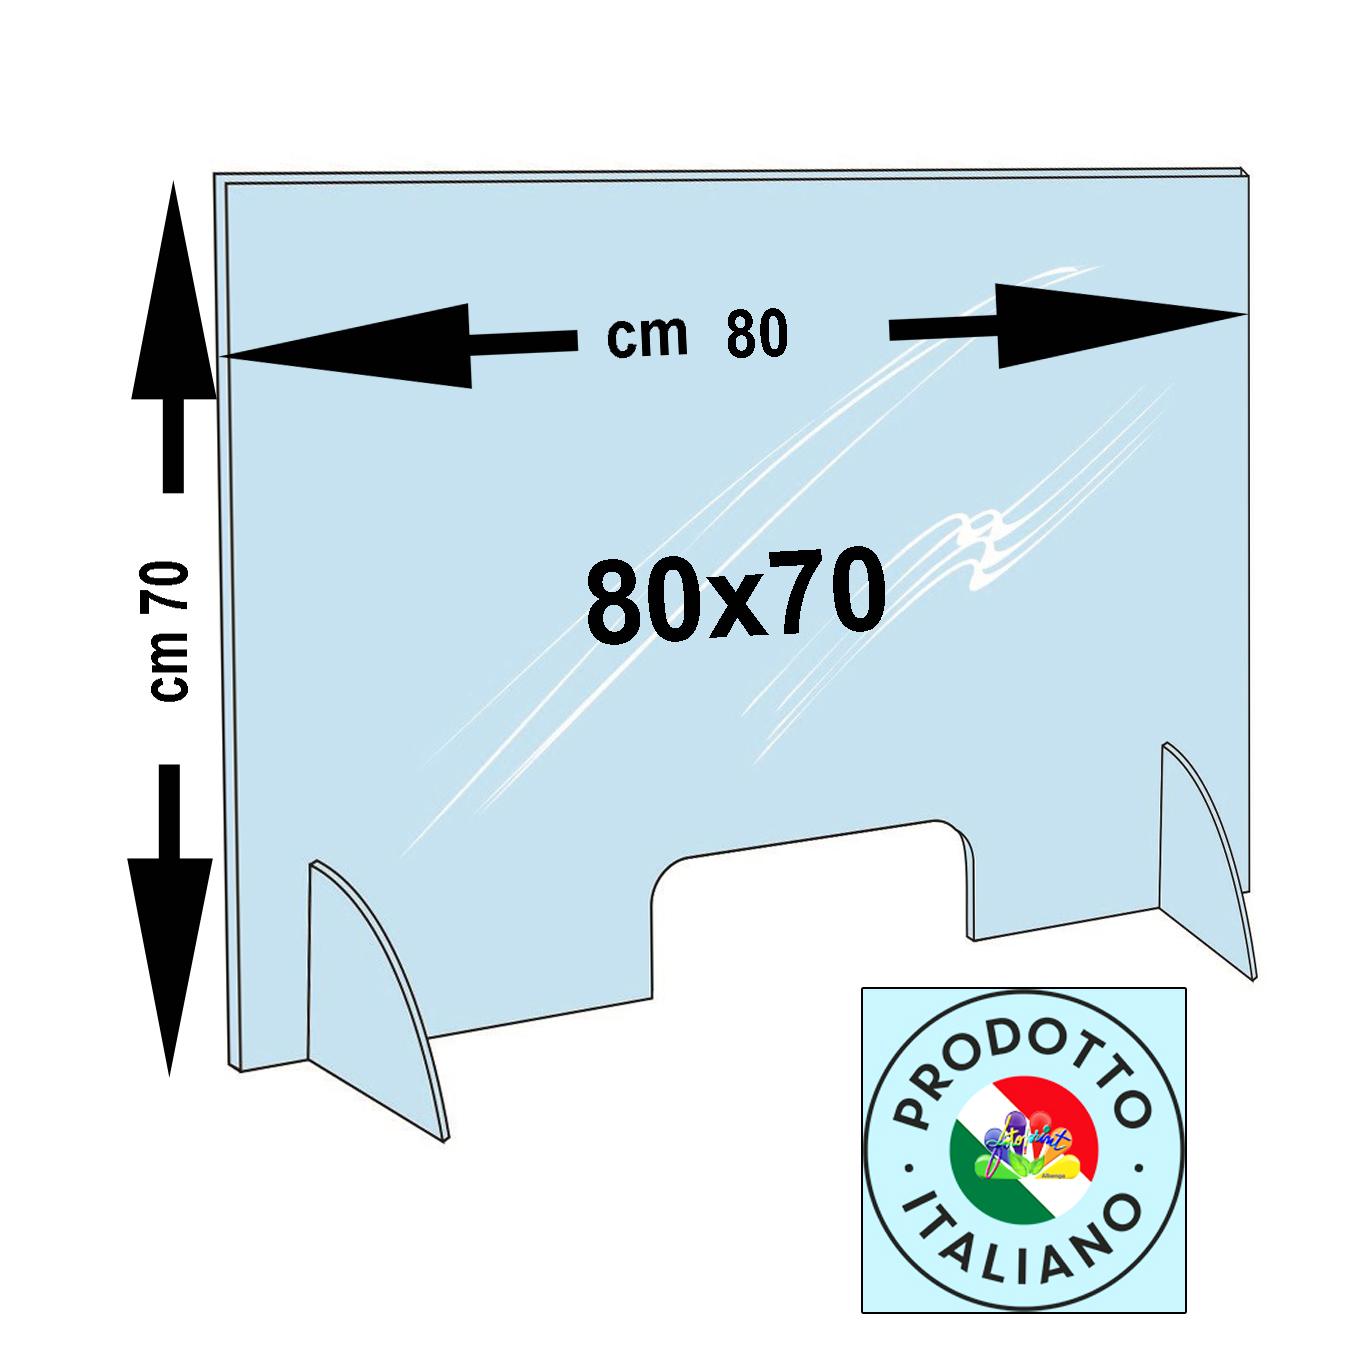 BARRIERA PERSONALIZZATA 80X70 - Spessori disponibili: 3mm €. 79,00 e 5mm €. 98,00 - SPED.OMAGGIO